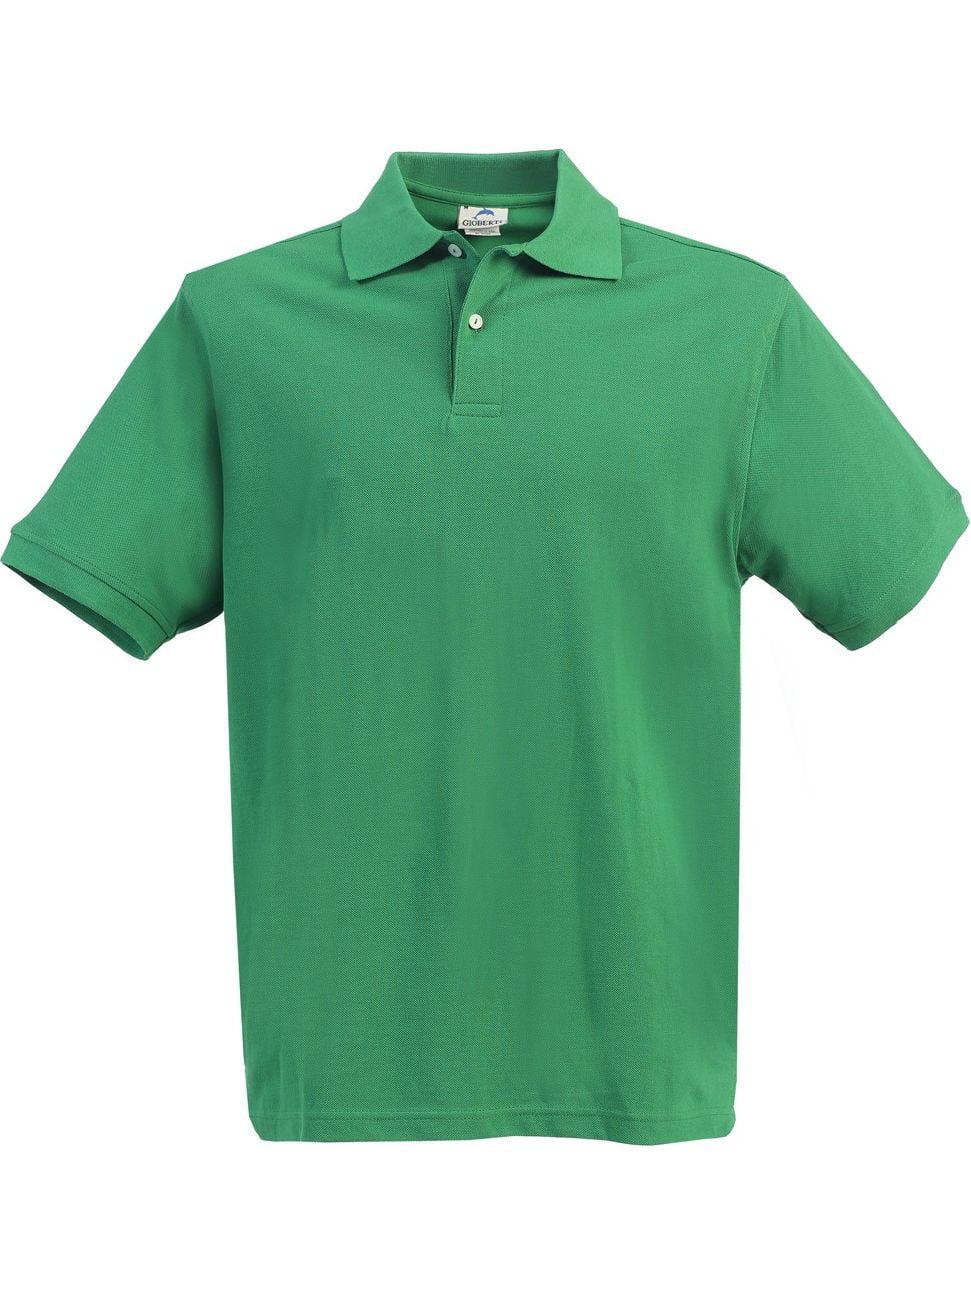 Little Boys Girls Green Short Sleeve School Uniform Polo Shirt 4-7